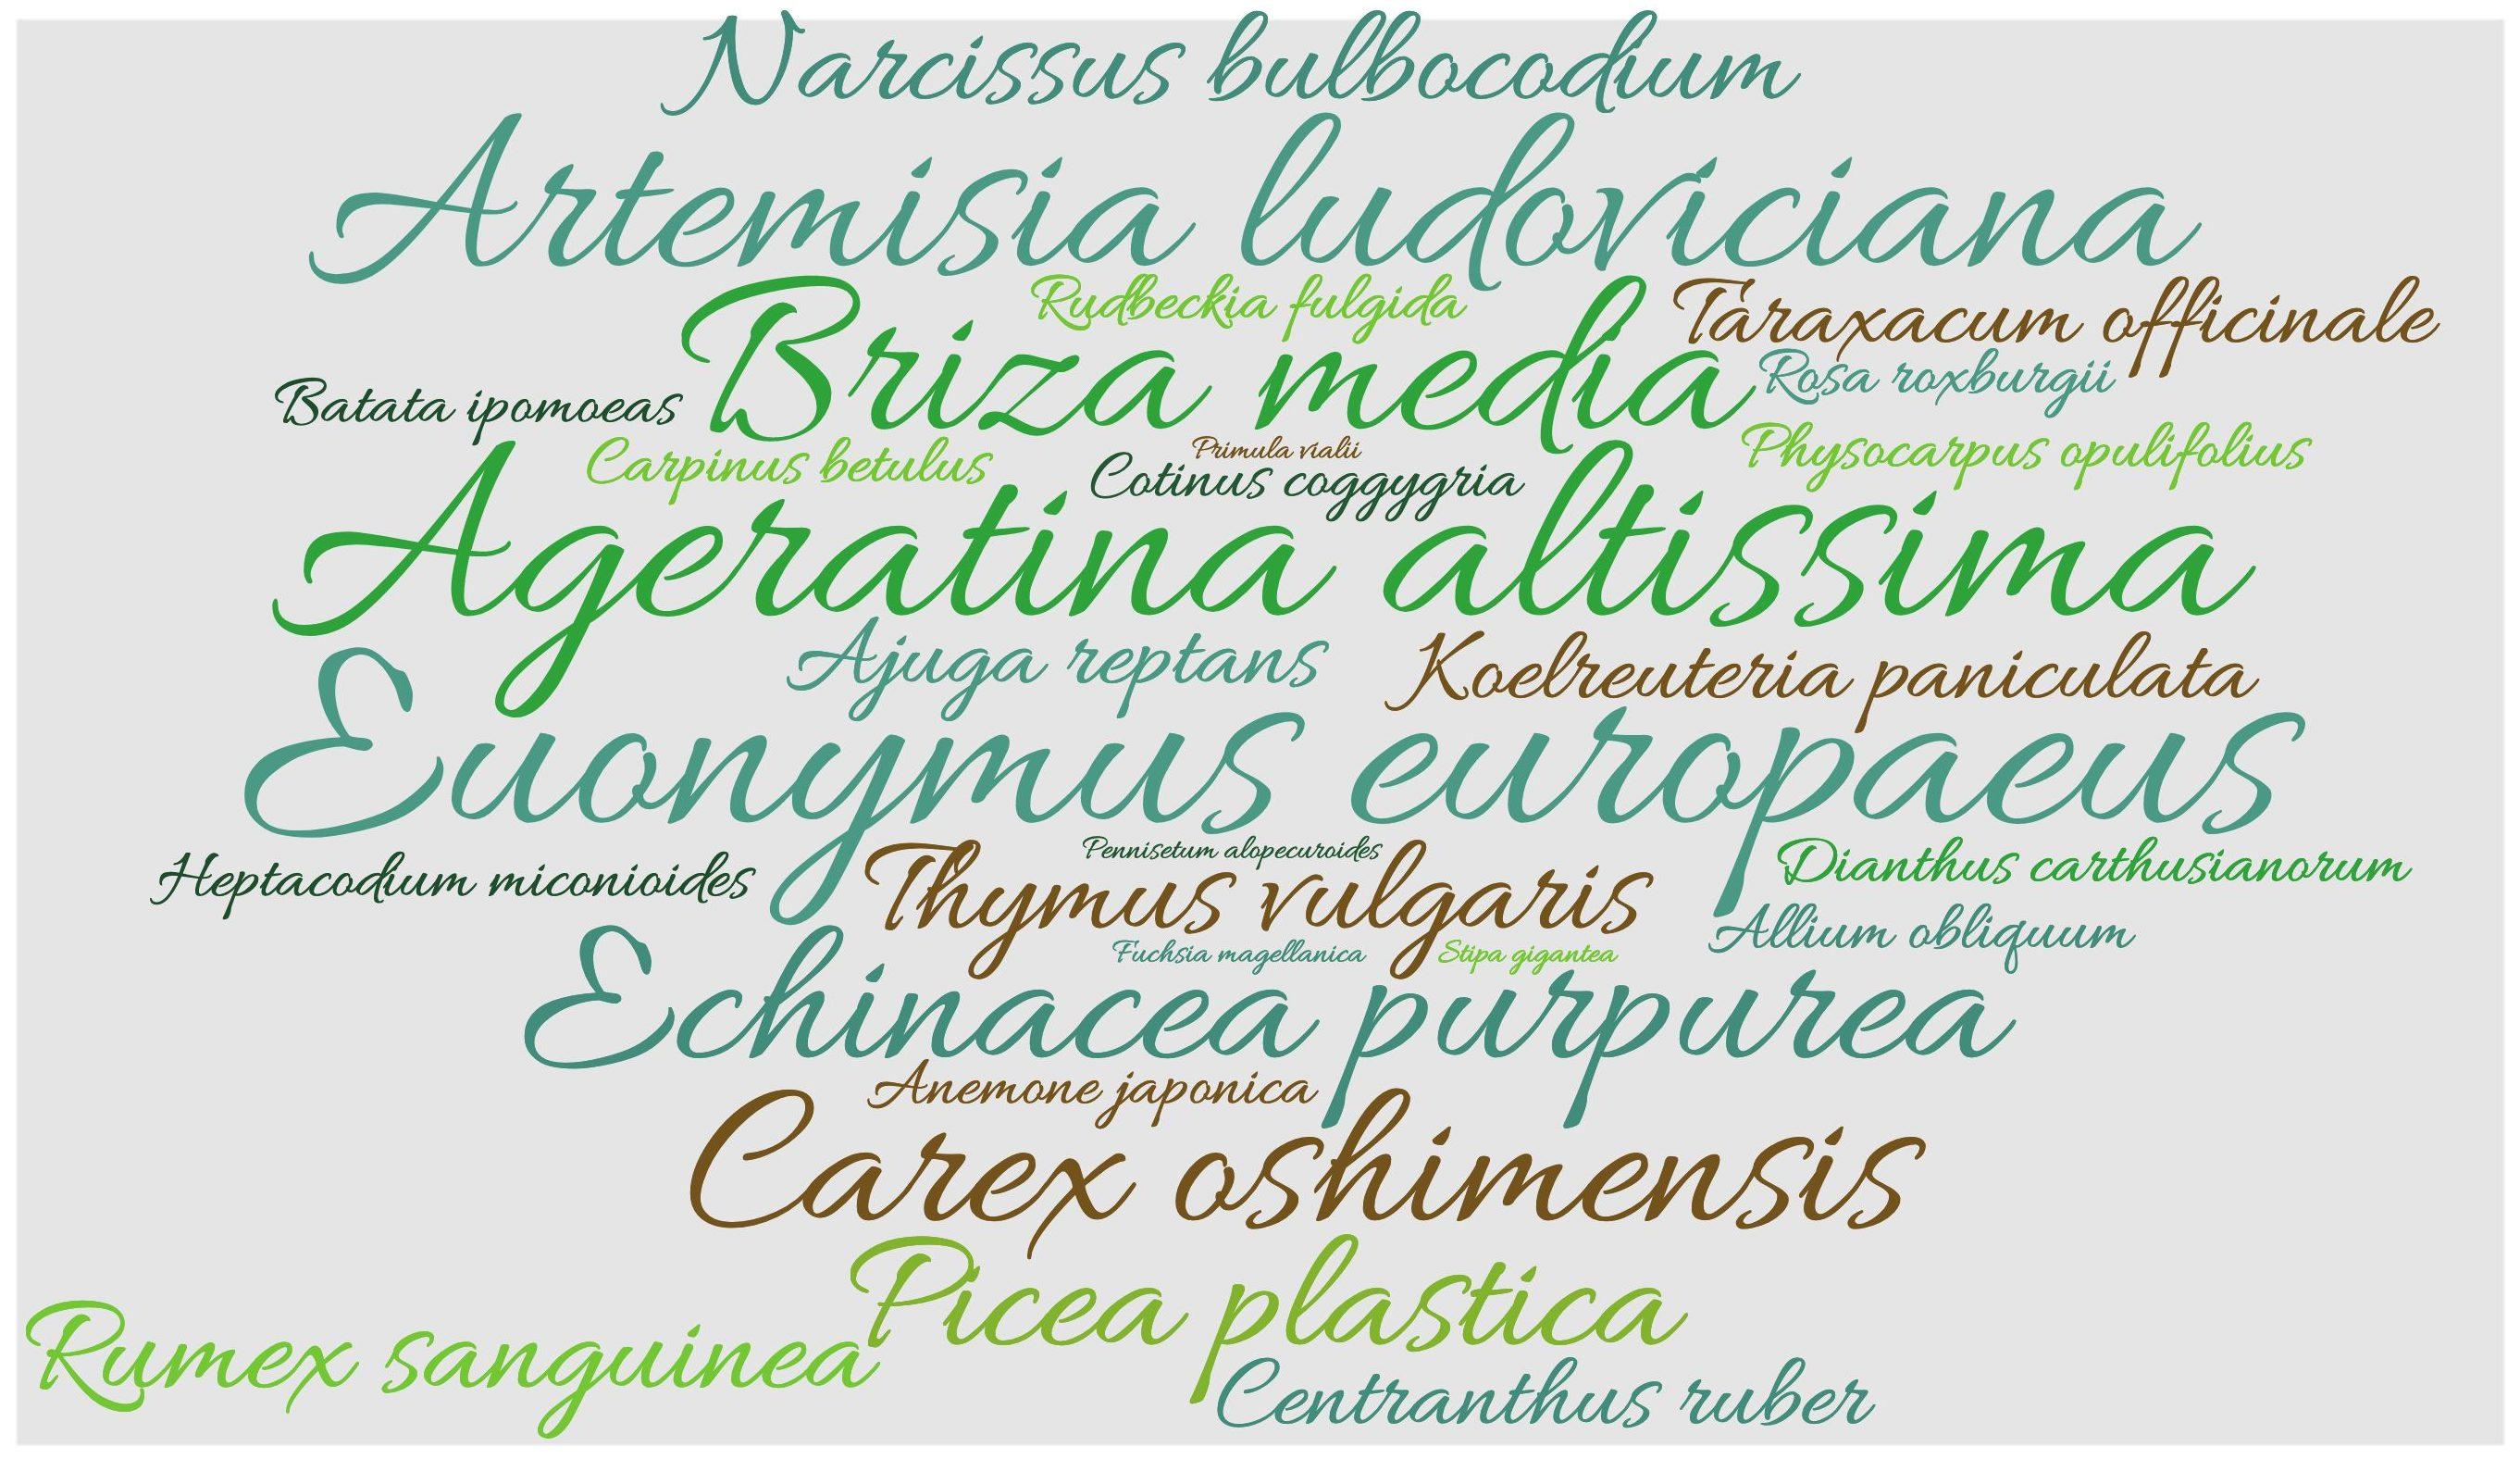 Wortwolke botanische Namen